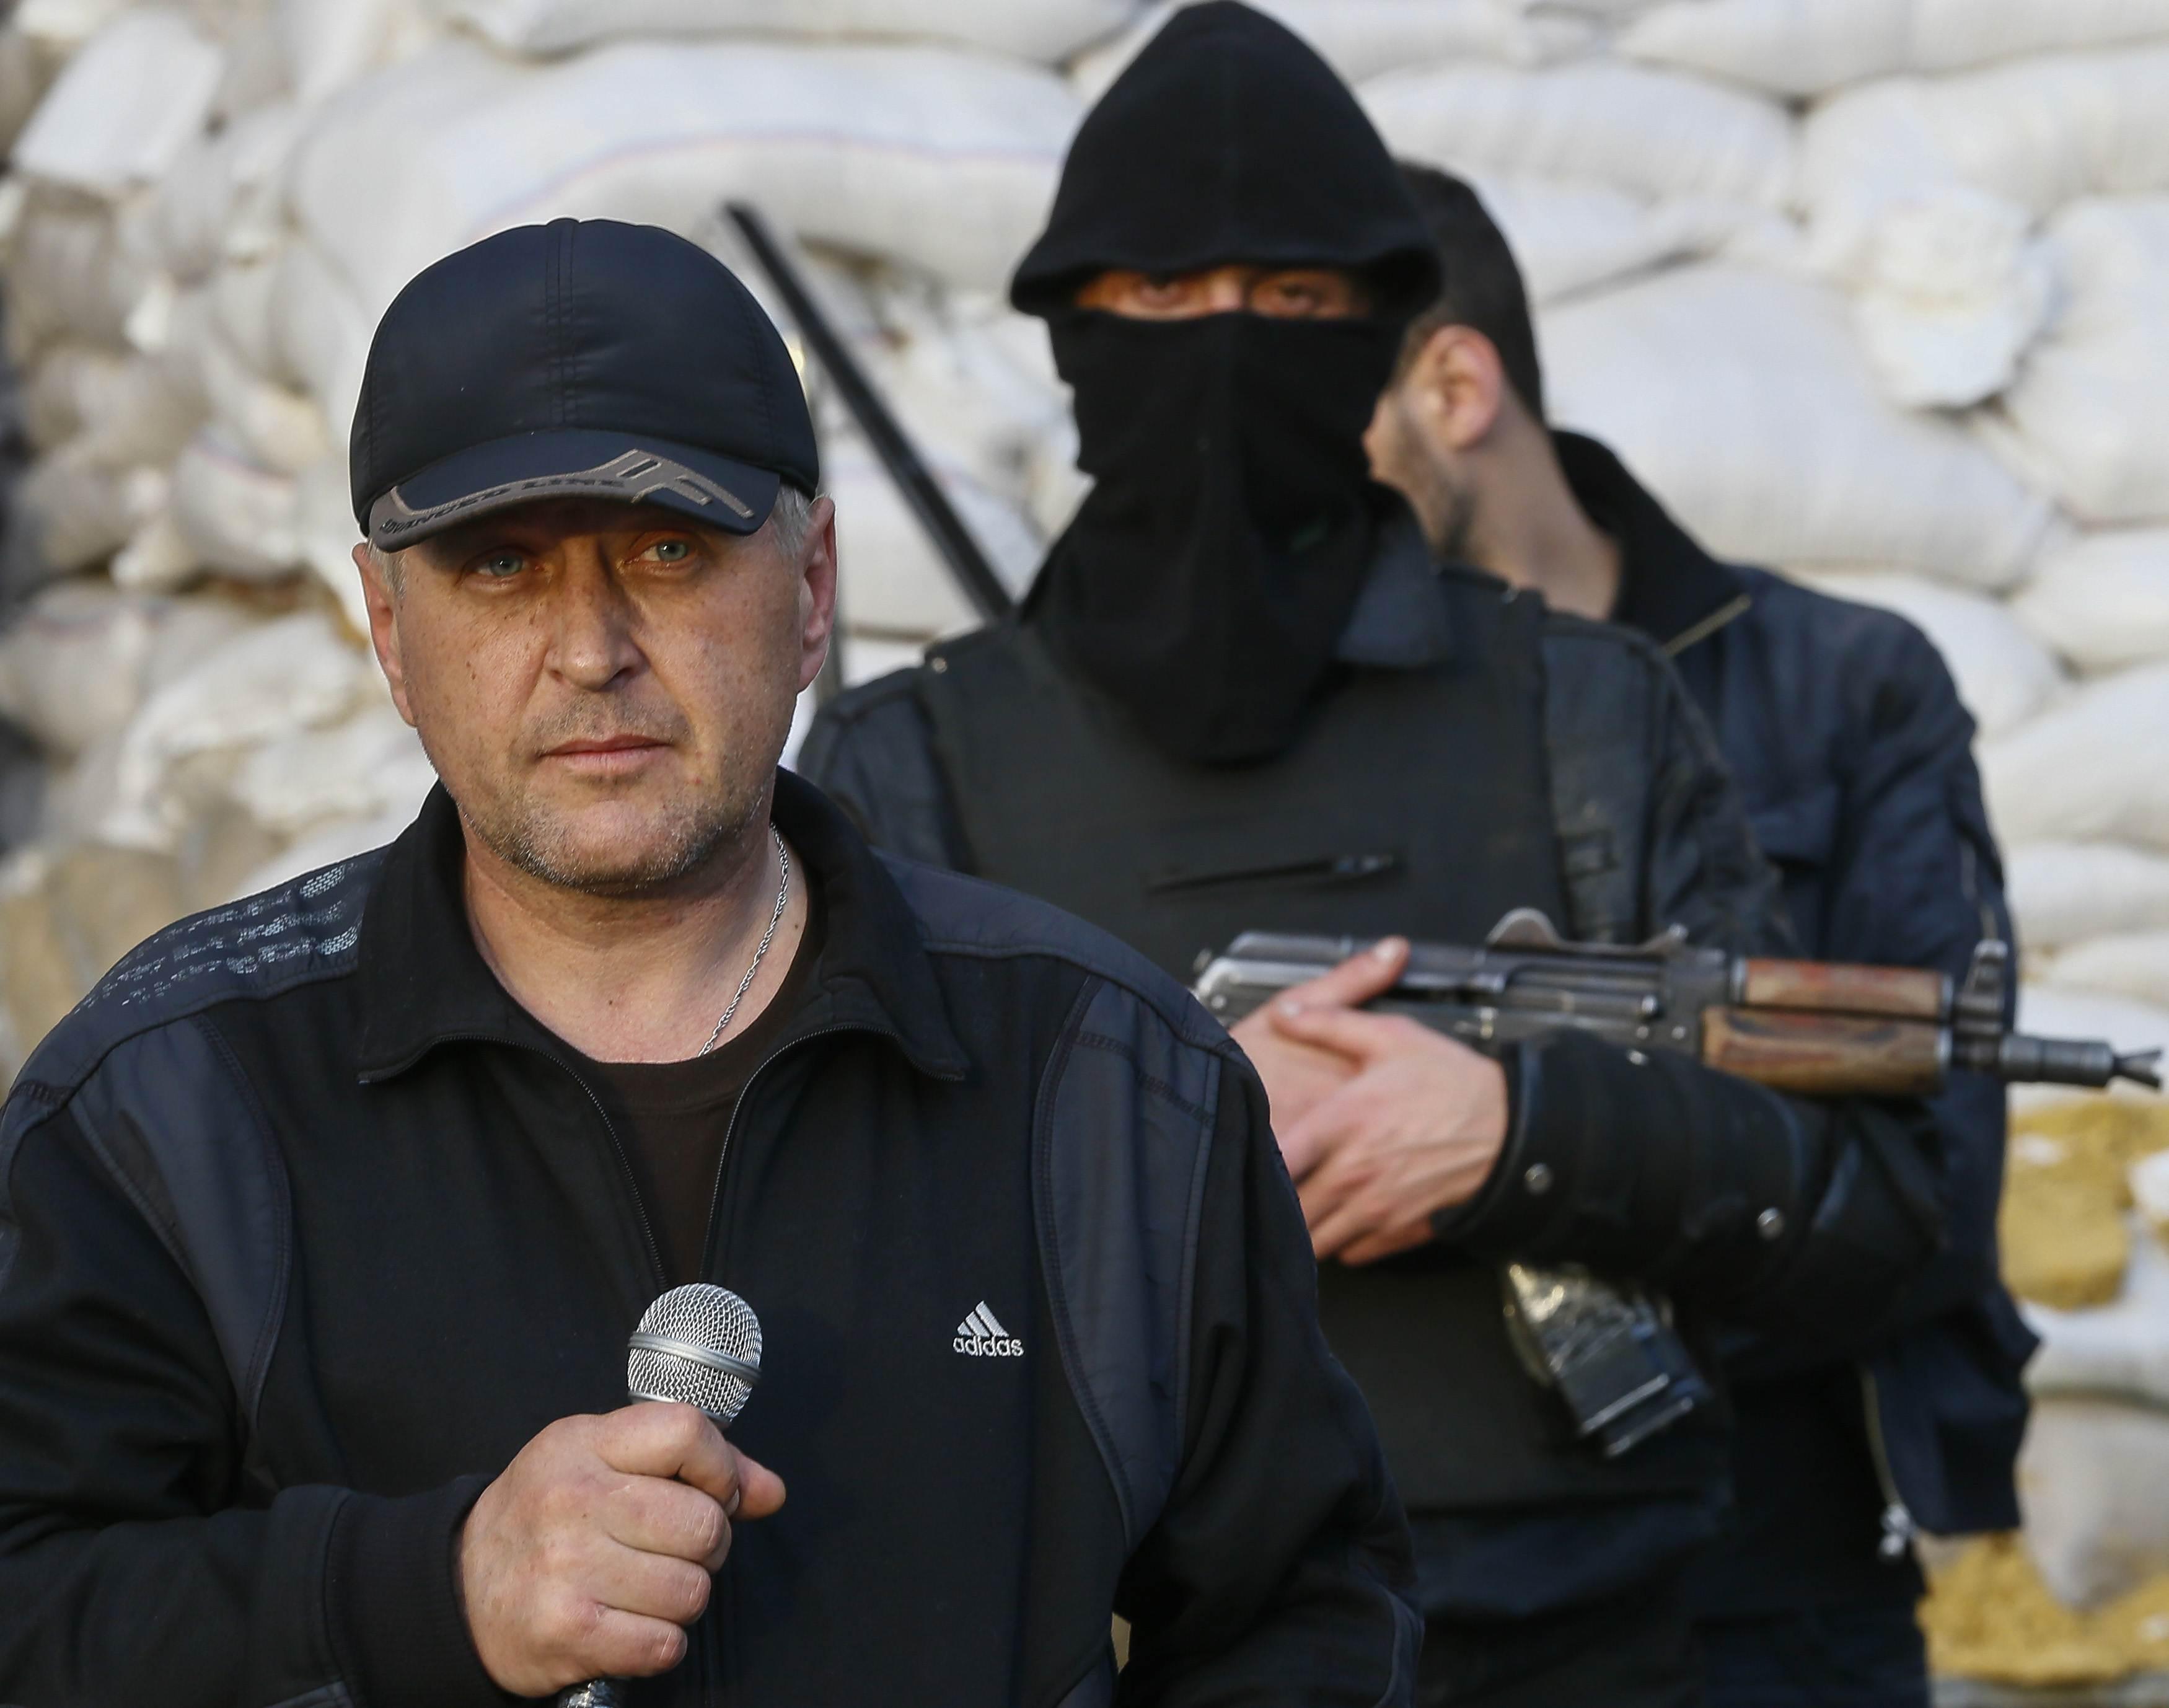 Пономарев заработал себе еще одну статью Уголовного кодекса